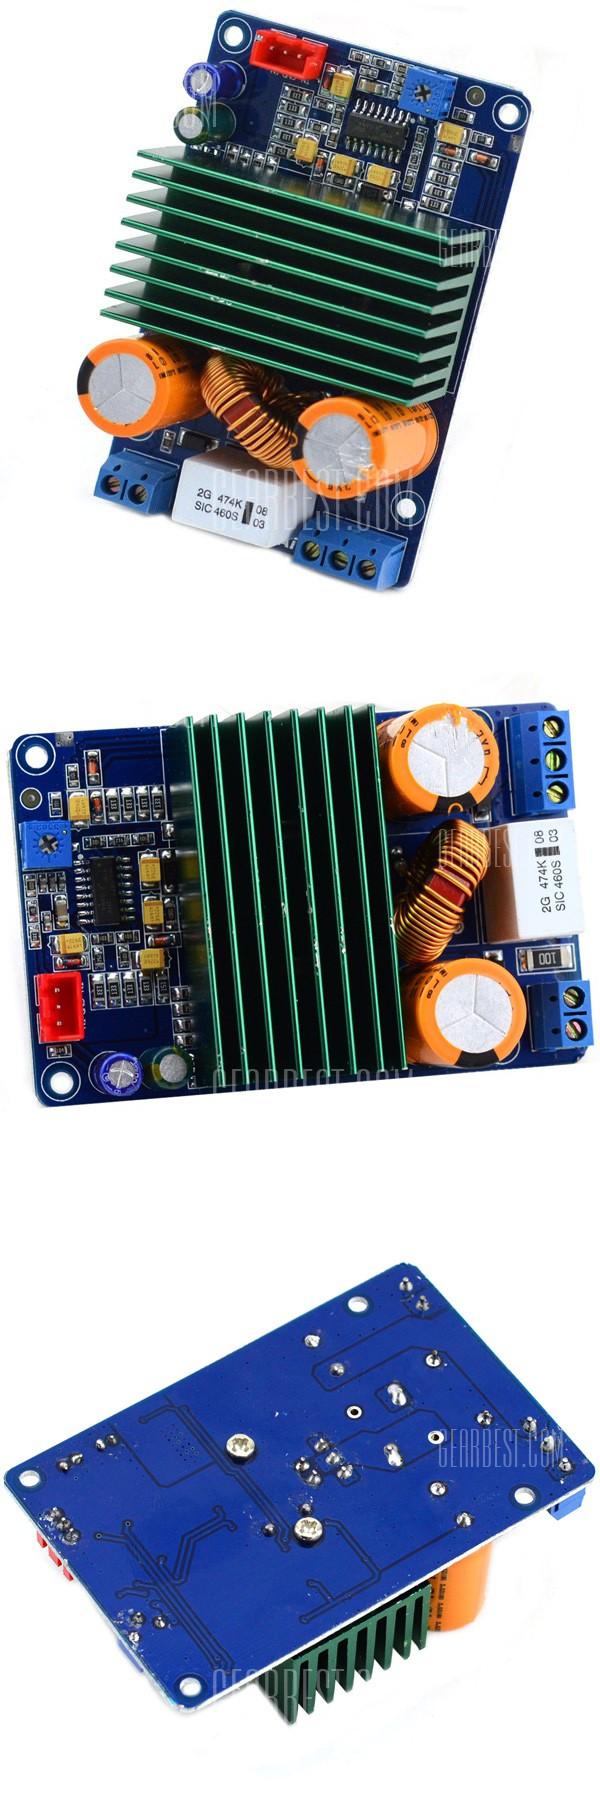 Multifunctional 250W Single Mono Channel D Class HiFi Digital Amplifier Board